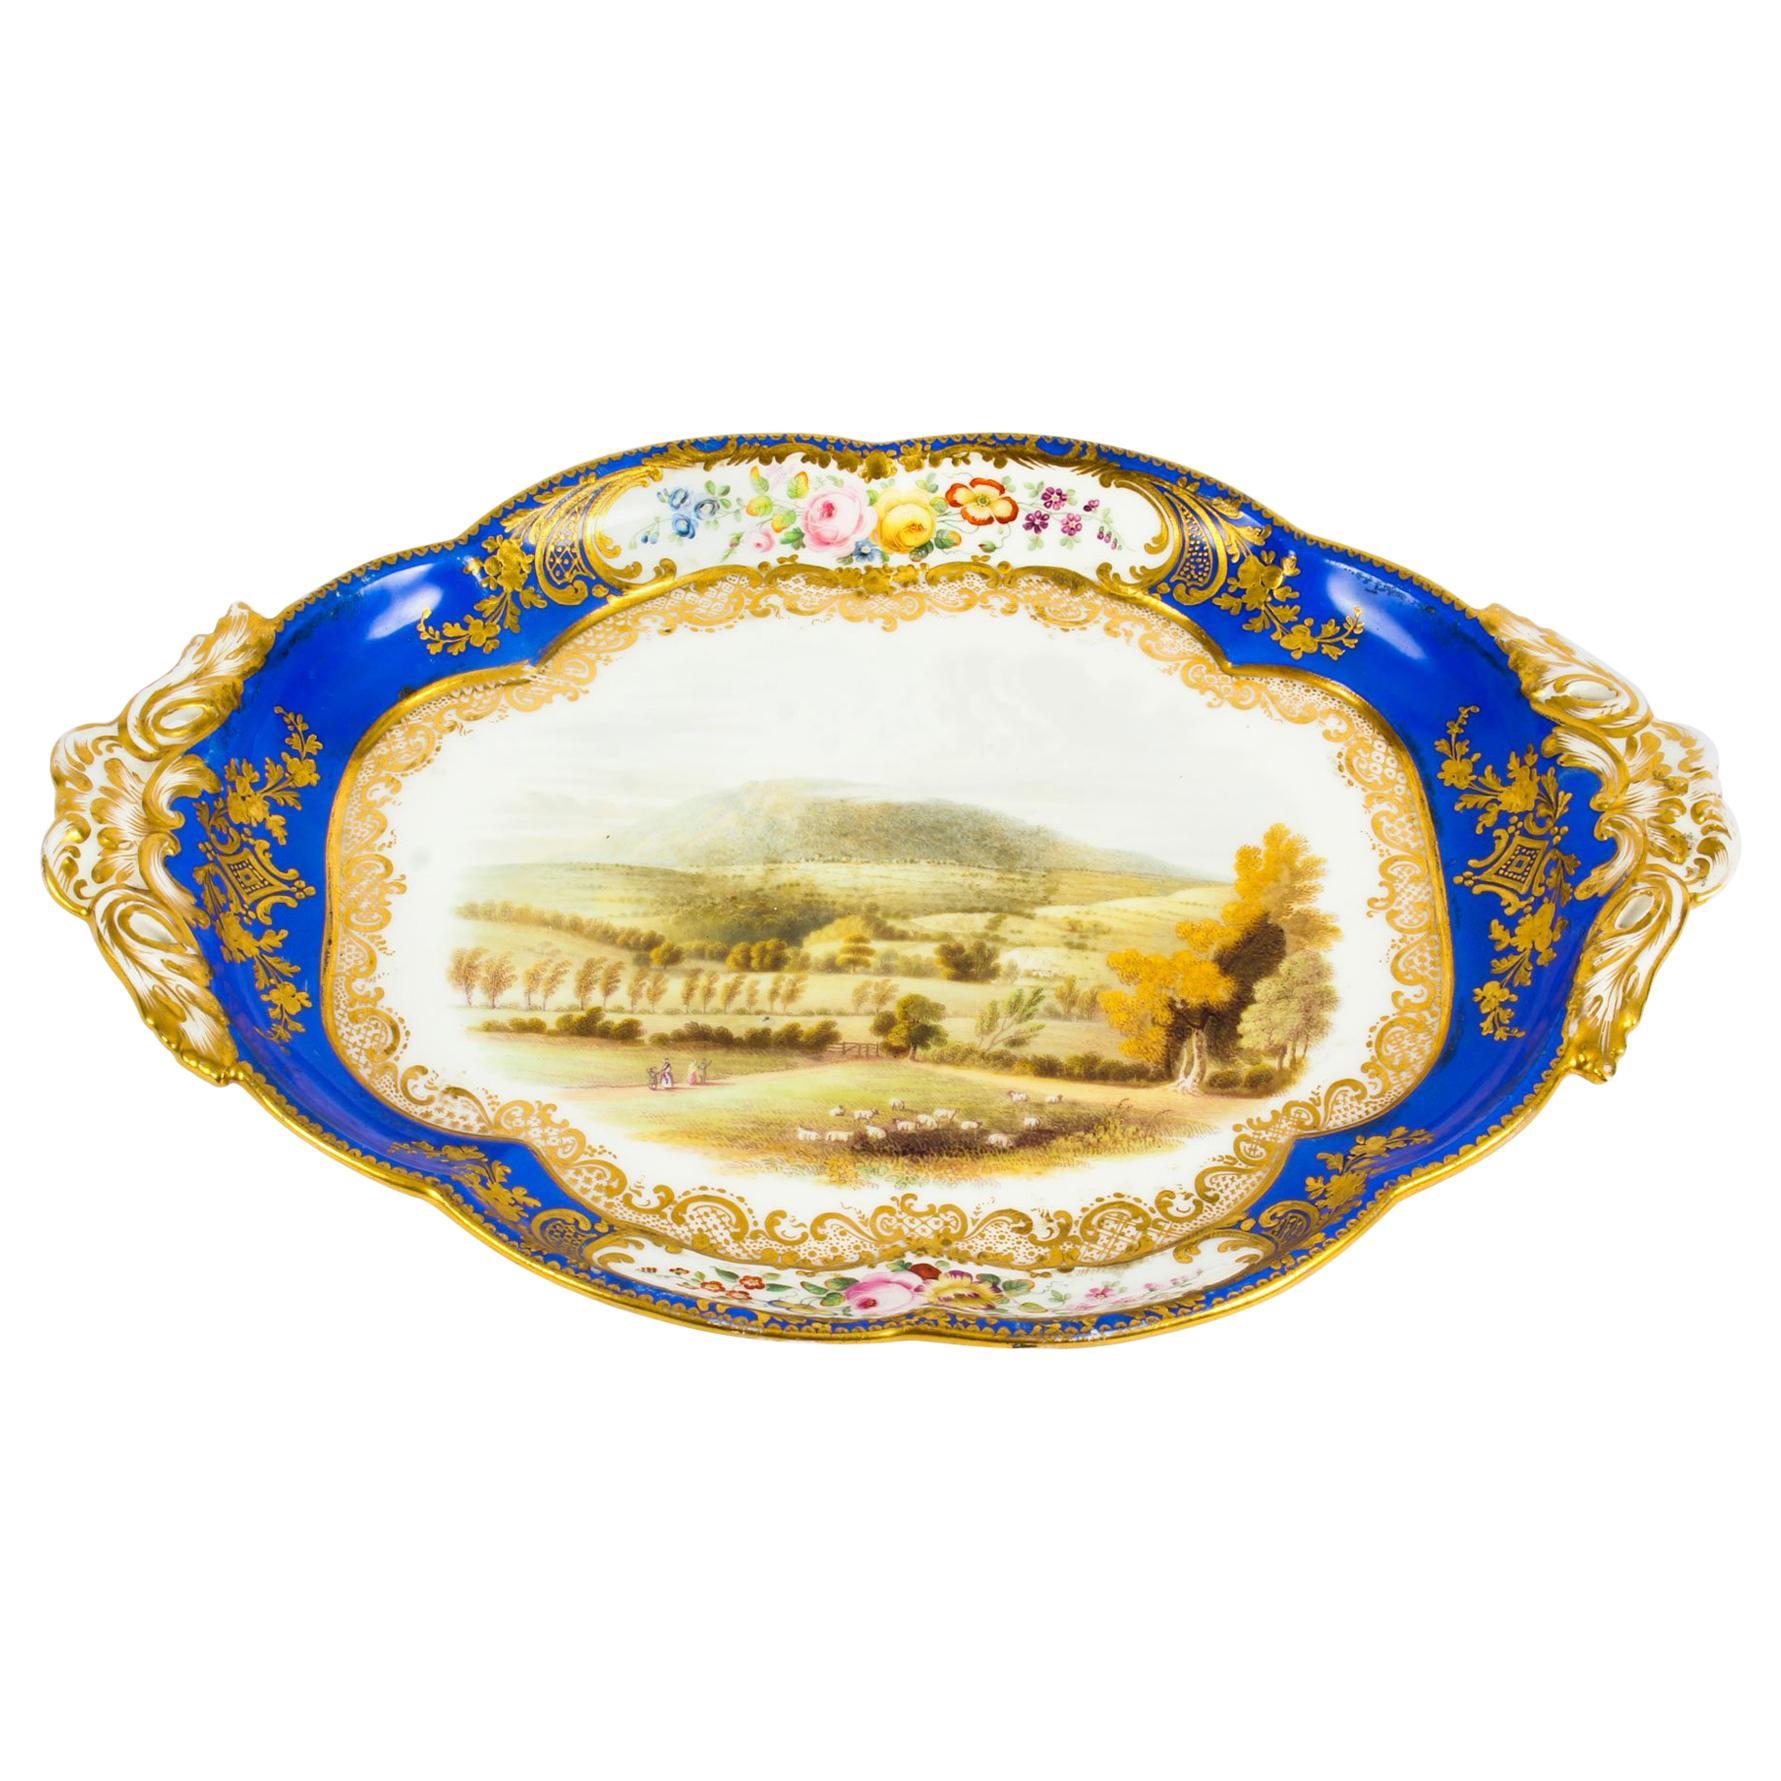 Antique Royal Worcester Porcelain Landscape Dish, 19th Century